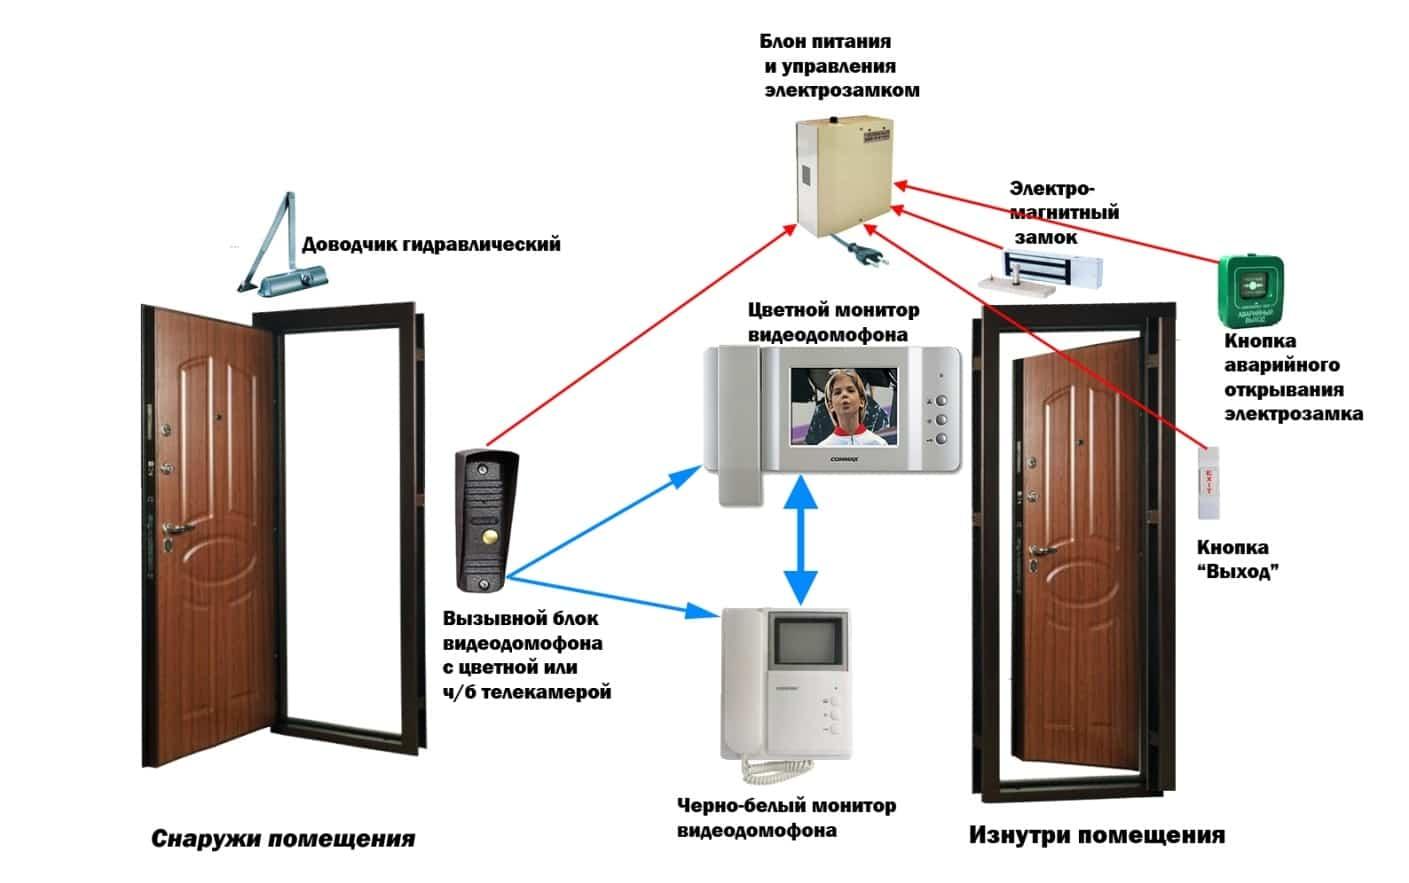 Оборудование для системы квартирного видеофона